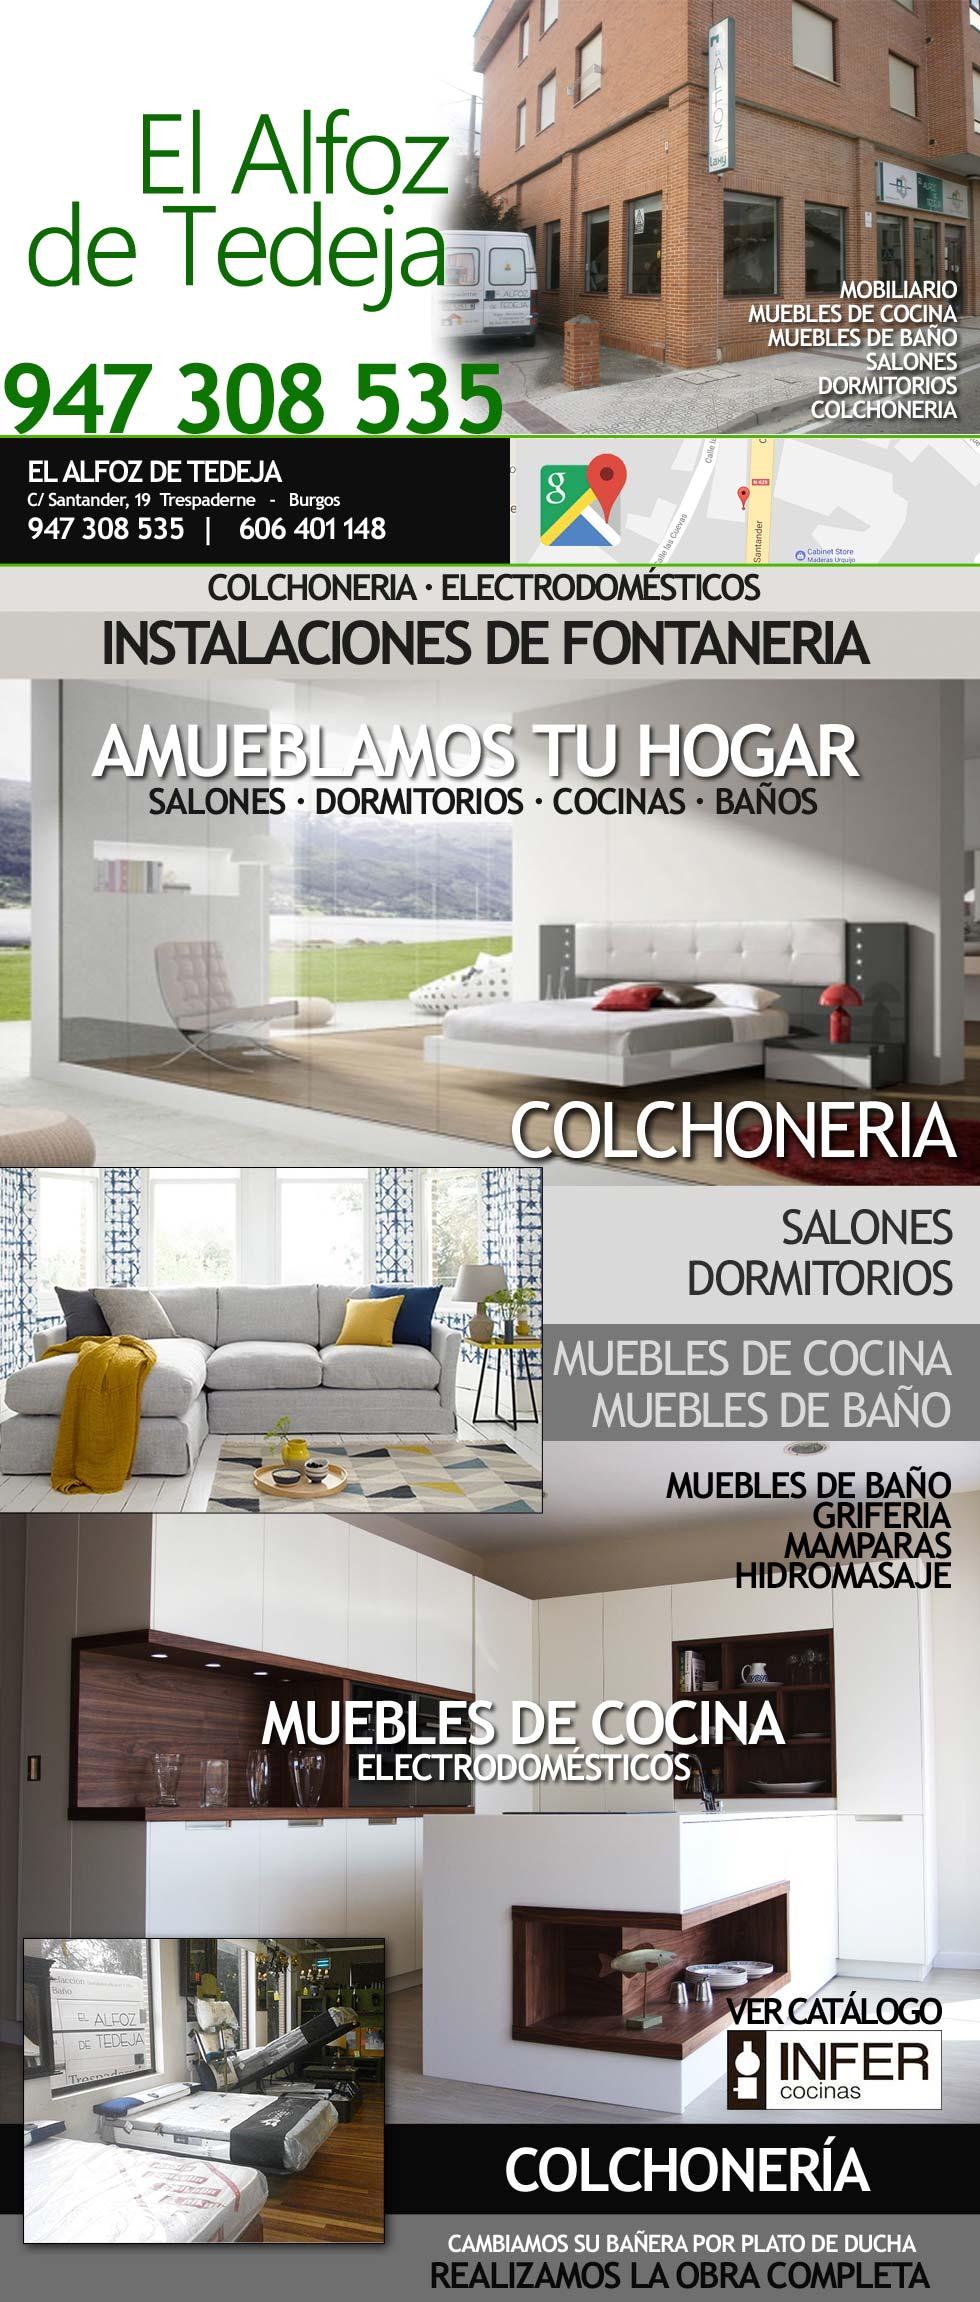 MUEBLES EN LAS MERINDADES, 947308535, EL ALFOZ DE TEDEJA, Muebles de ...